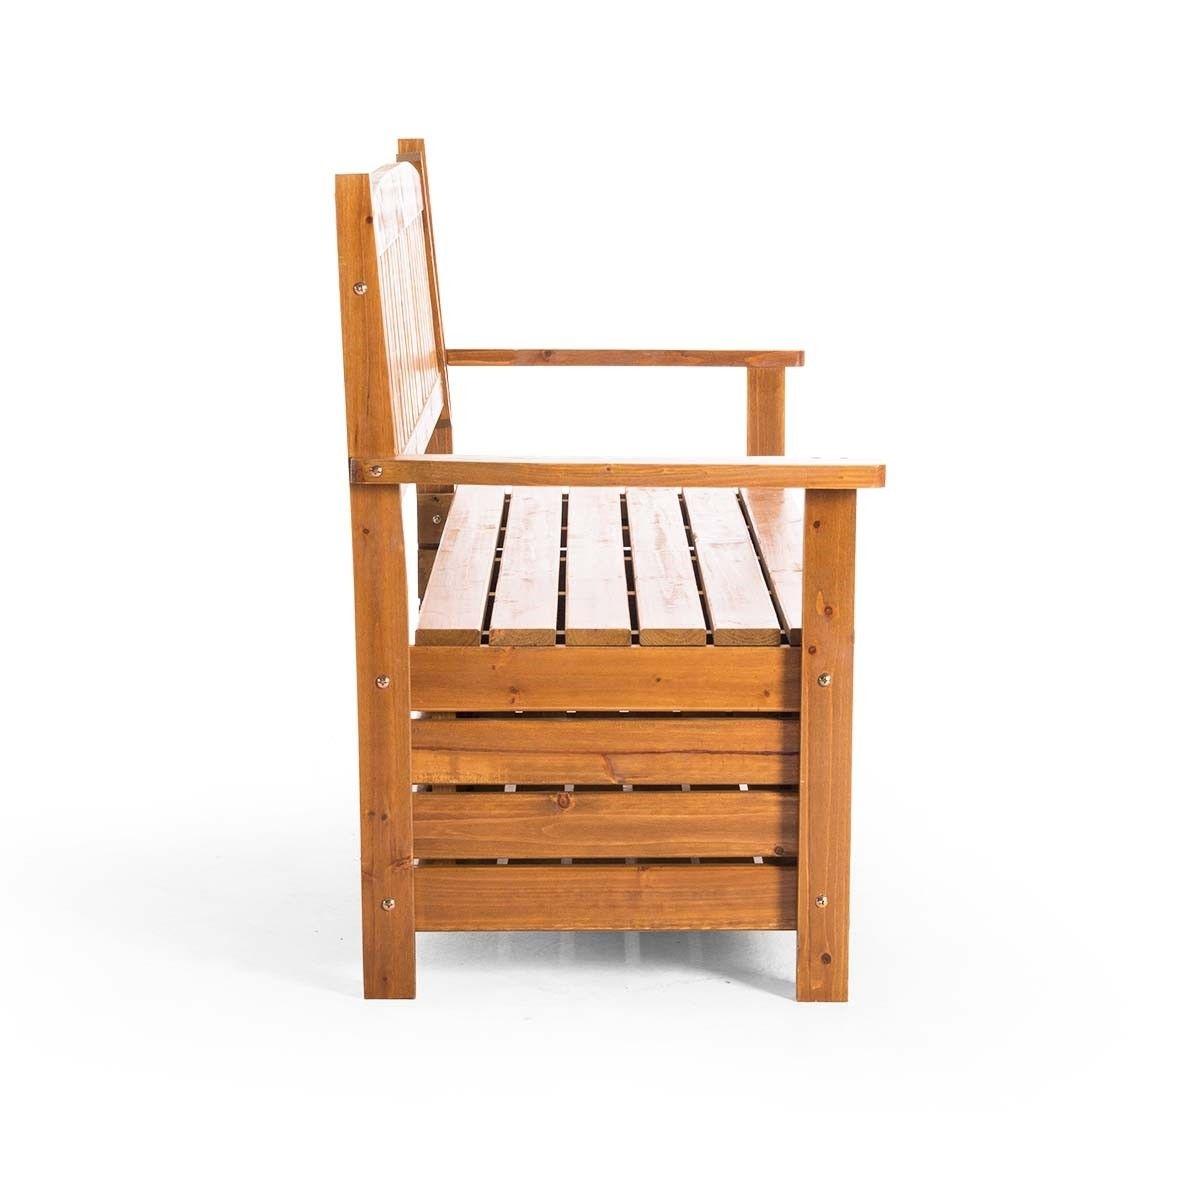 1 5m Wooden Storage Bench Garden Chest Buy Outdoor Benches 363823